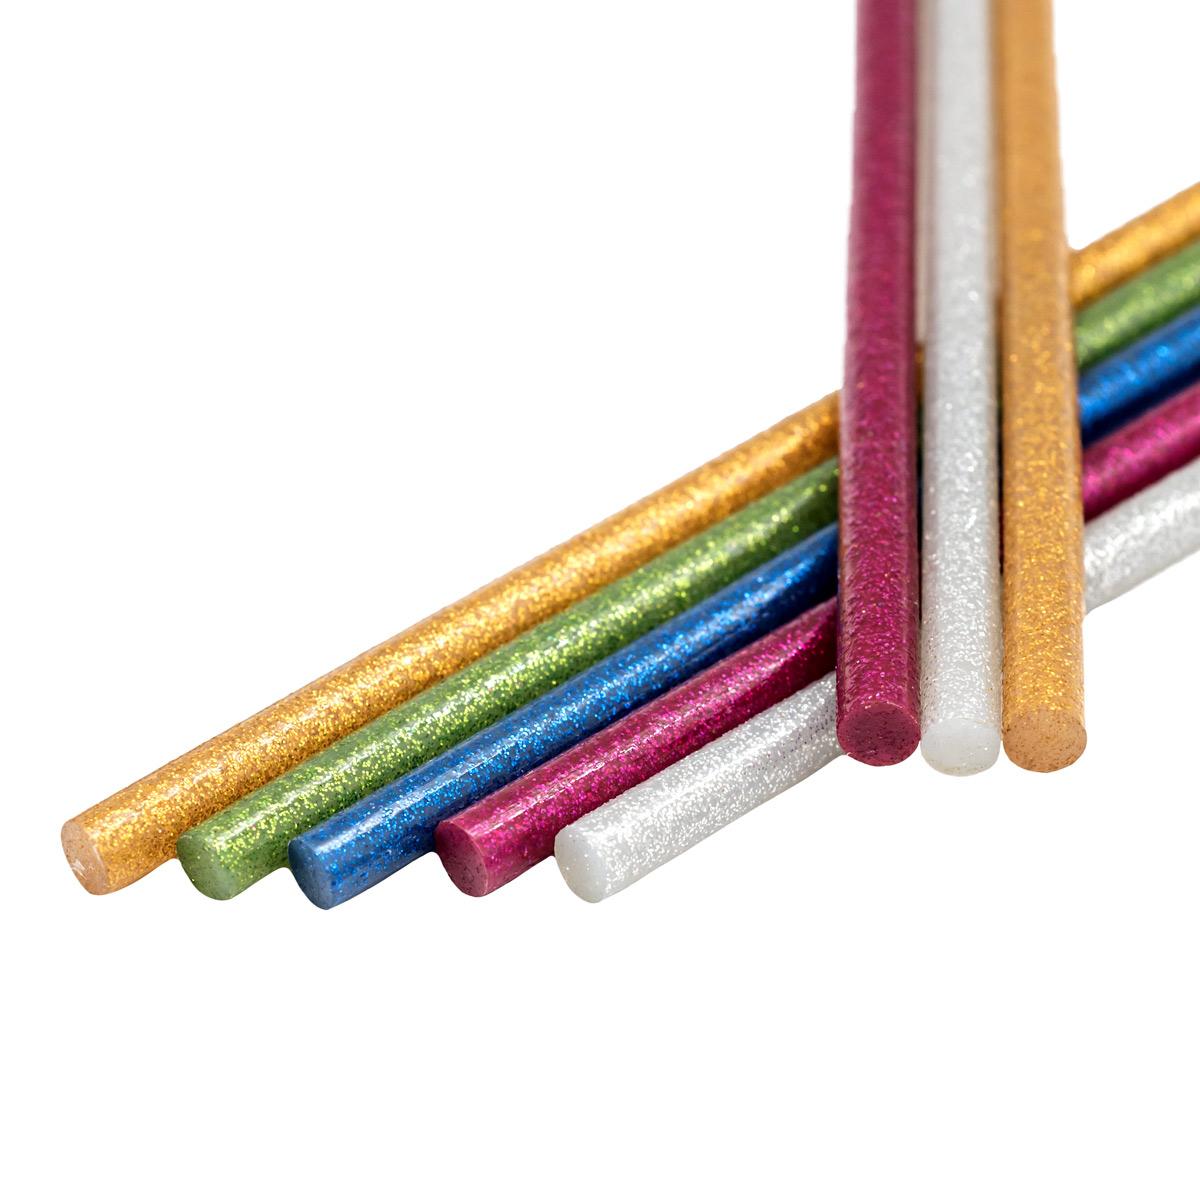 Клей цветной 7,2мм*30см Hobby&Pro упак(15шт), ассорти